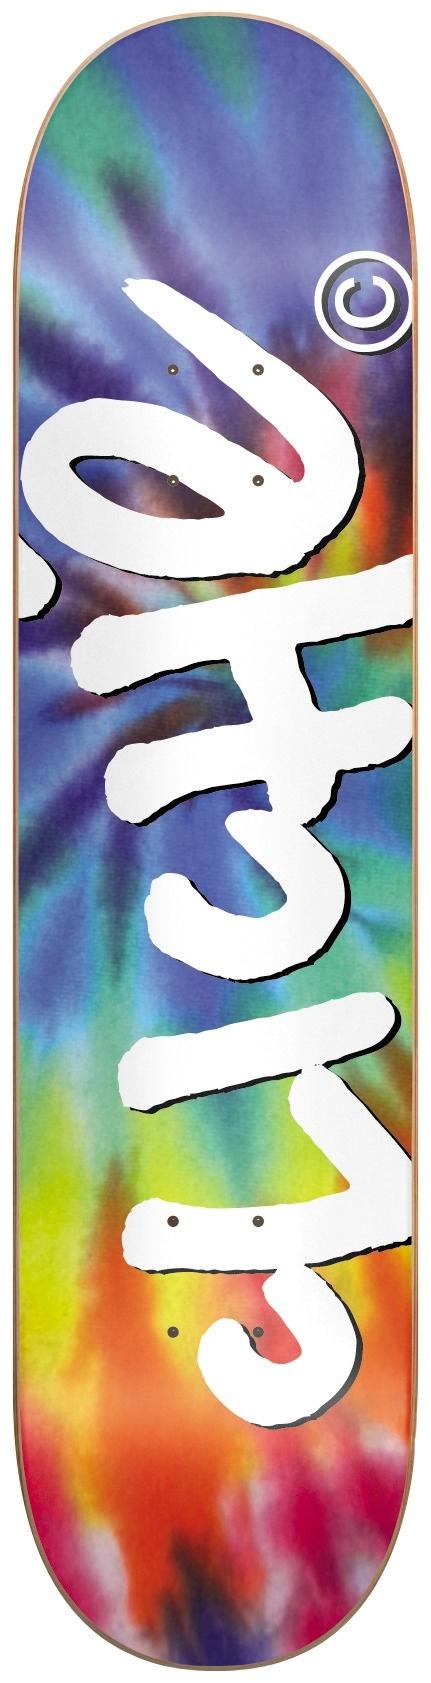 Cliche Handwritten Deck - Tie Dye